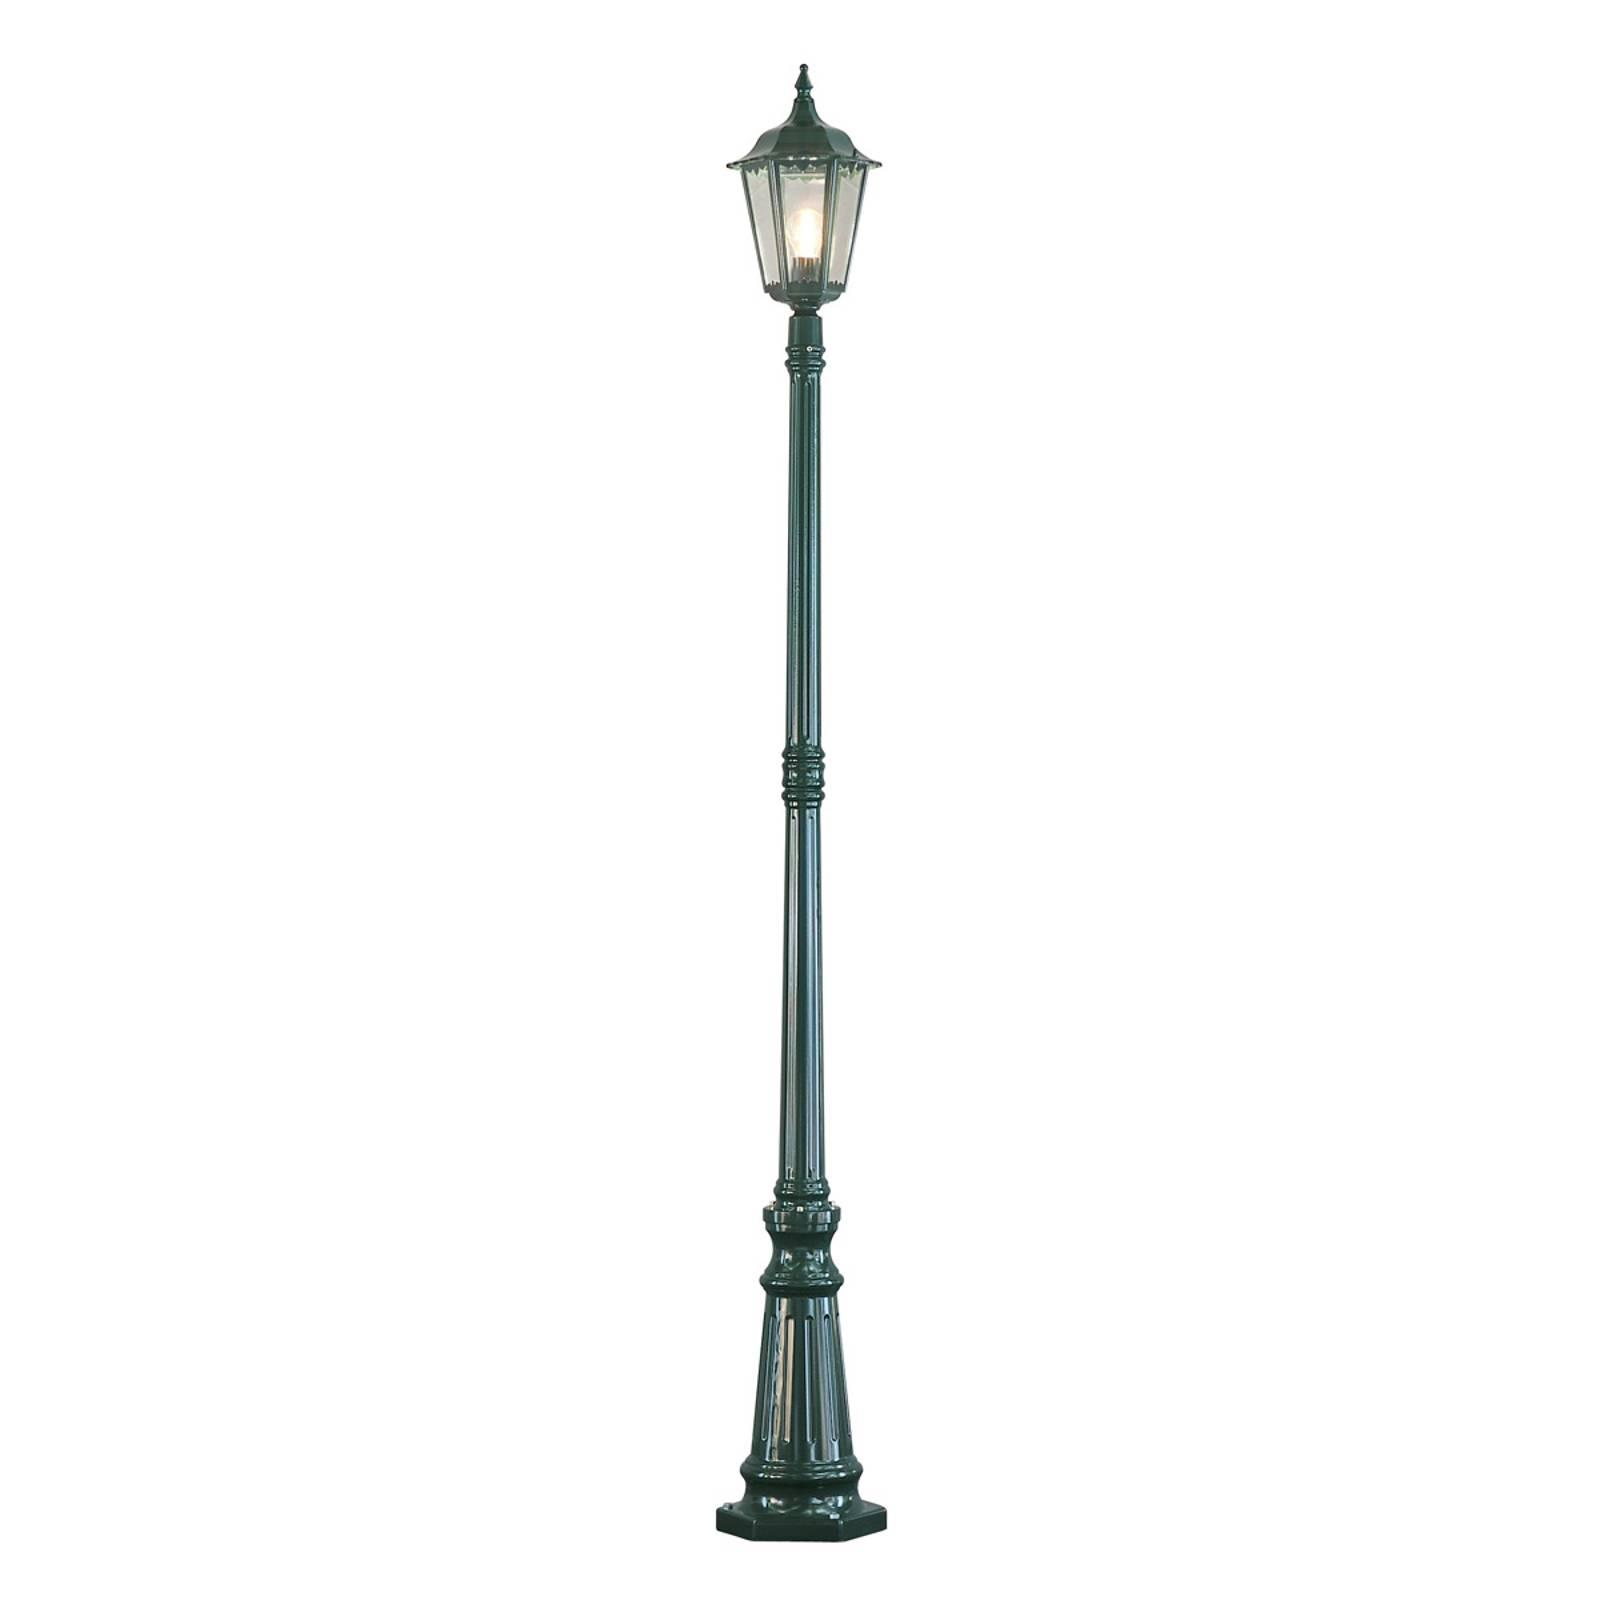 Mastleuchte Firenze, 1-flammig, grün